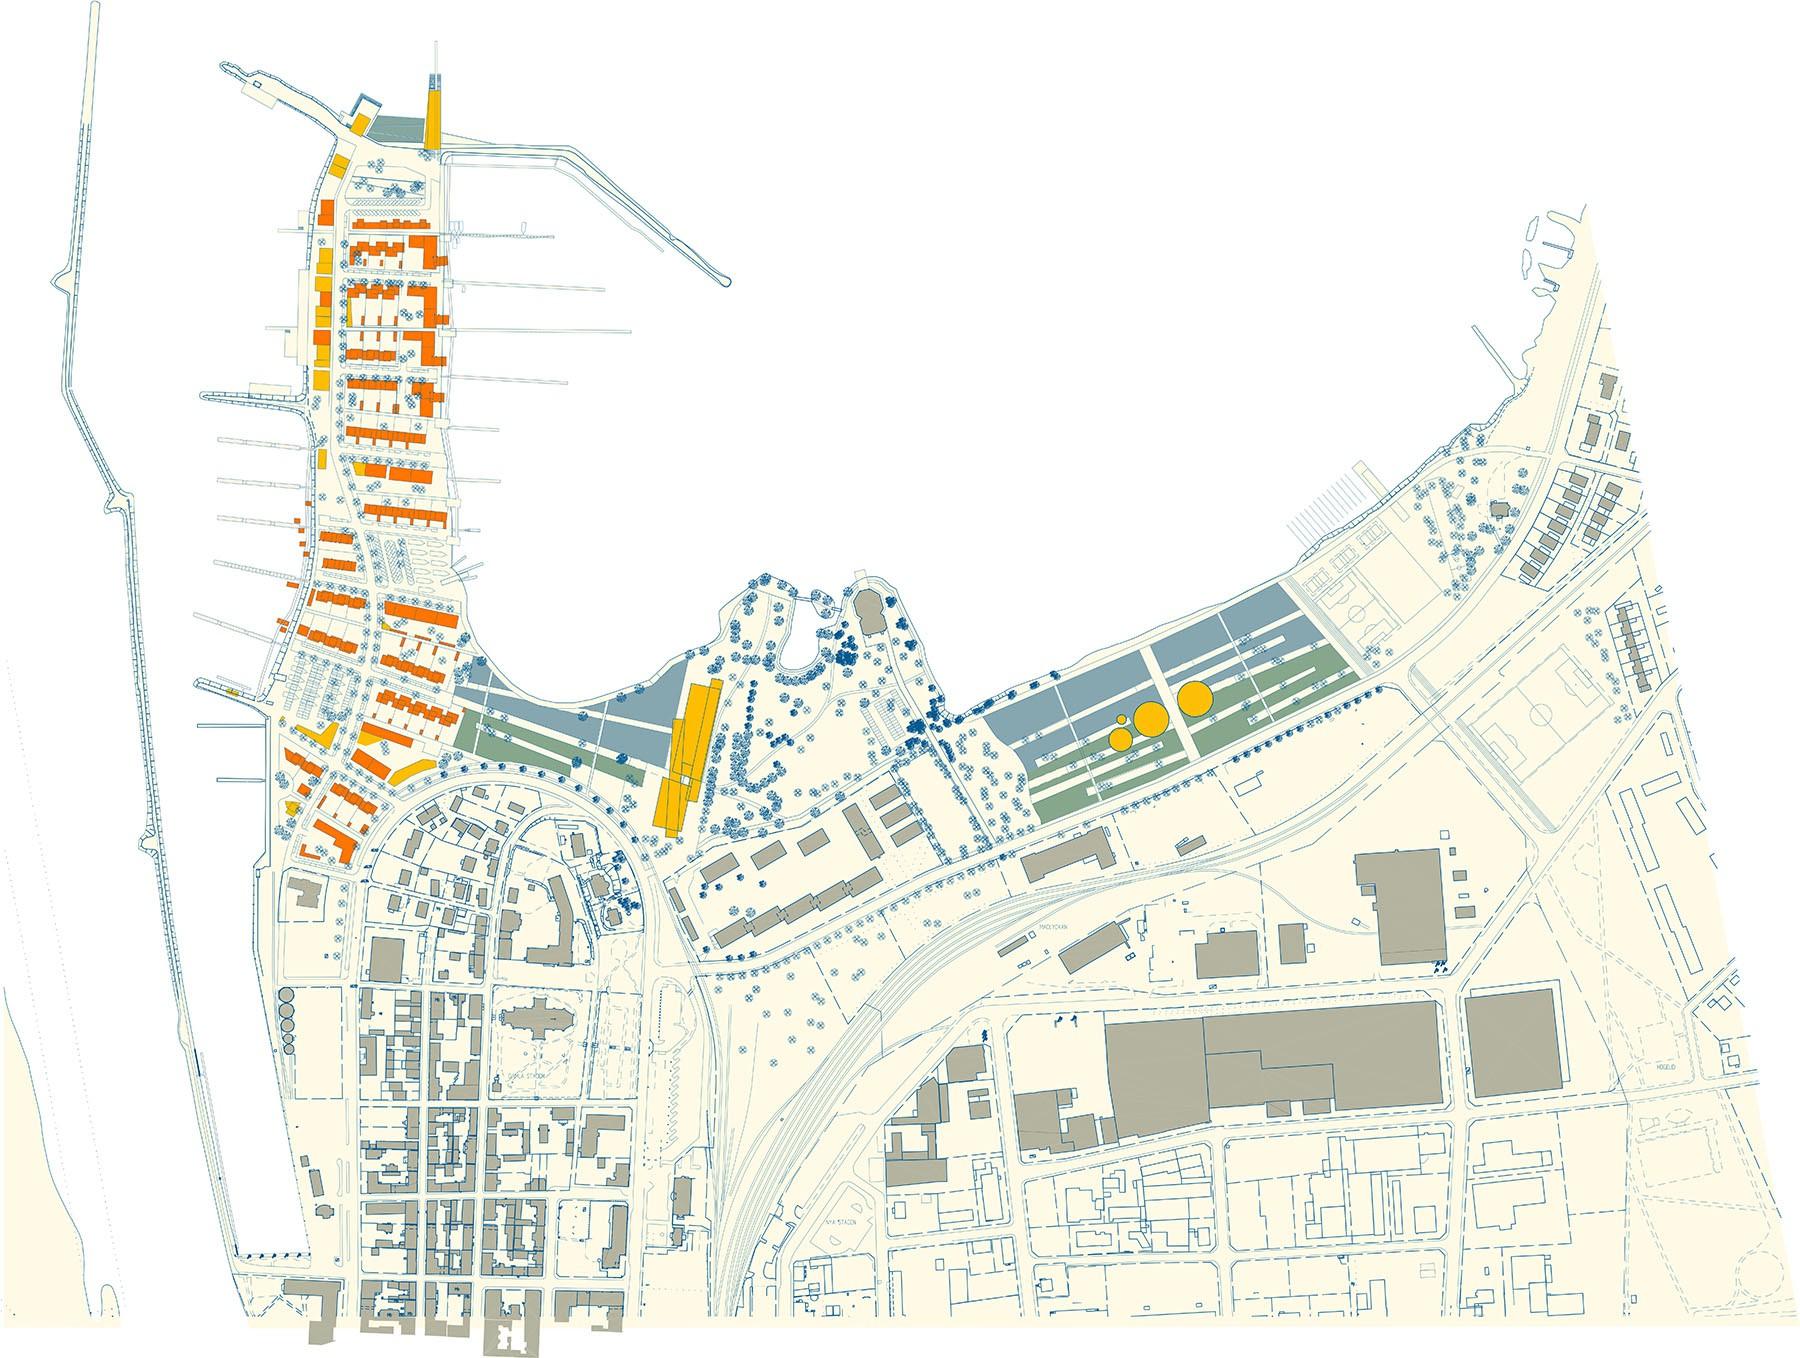 Mariestad_LAND_2005_sitplan